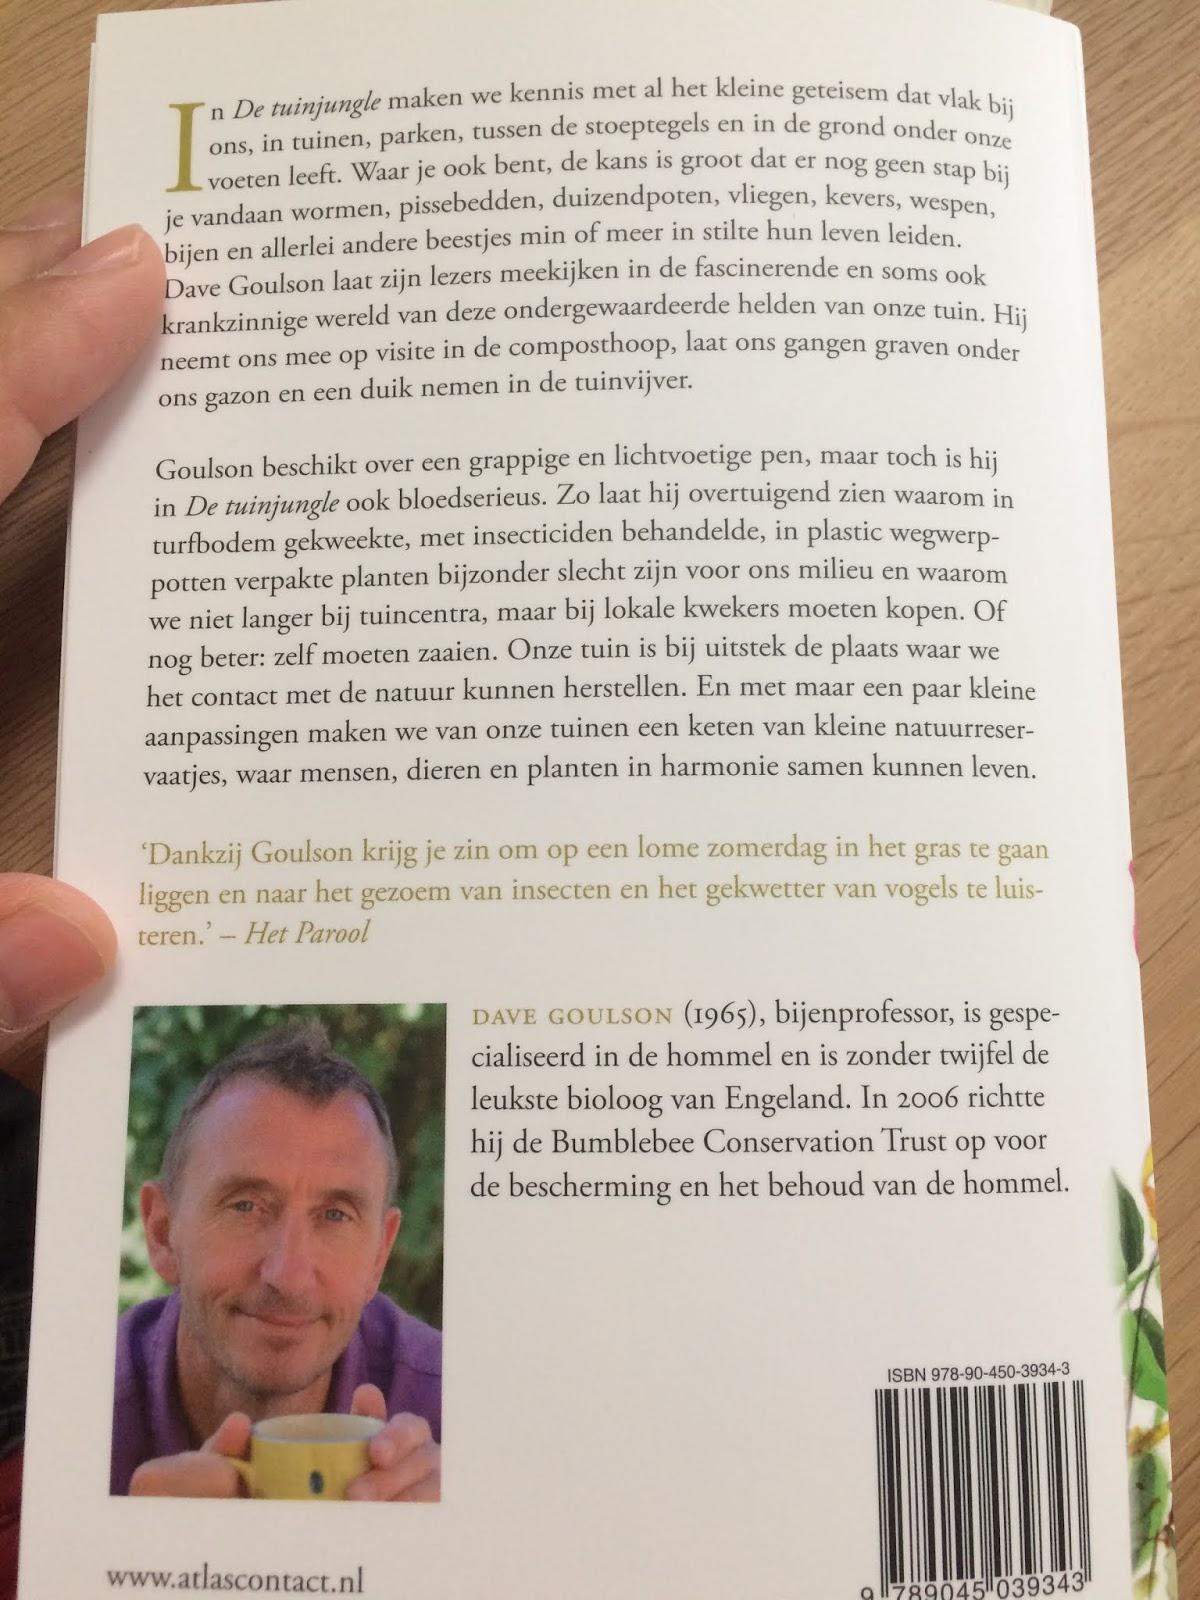 Dit nieuwe boek van de gerenommeerde groenauteur Dave Goulson, neemt je mee naar het al het kleine gespuis in de tuin. Wat kom je zoal tegen? Wat doen al deze dieren en bovenal: waarom is het zo belangrijk deze wezens in stand te houden?